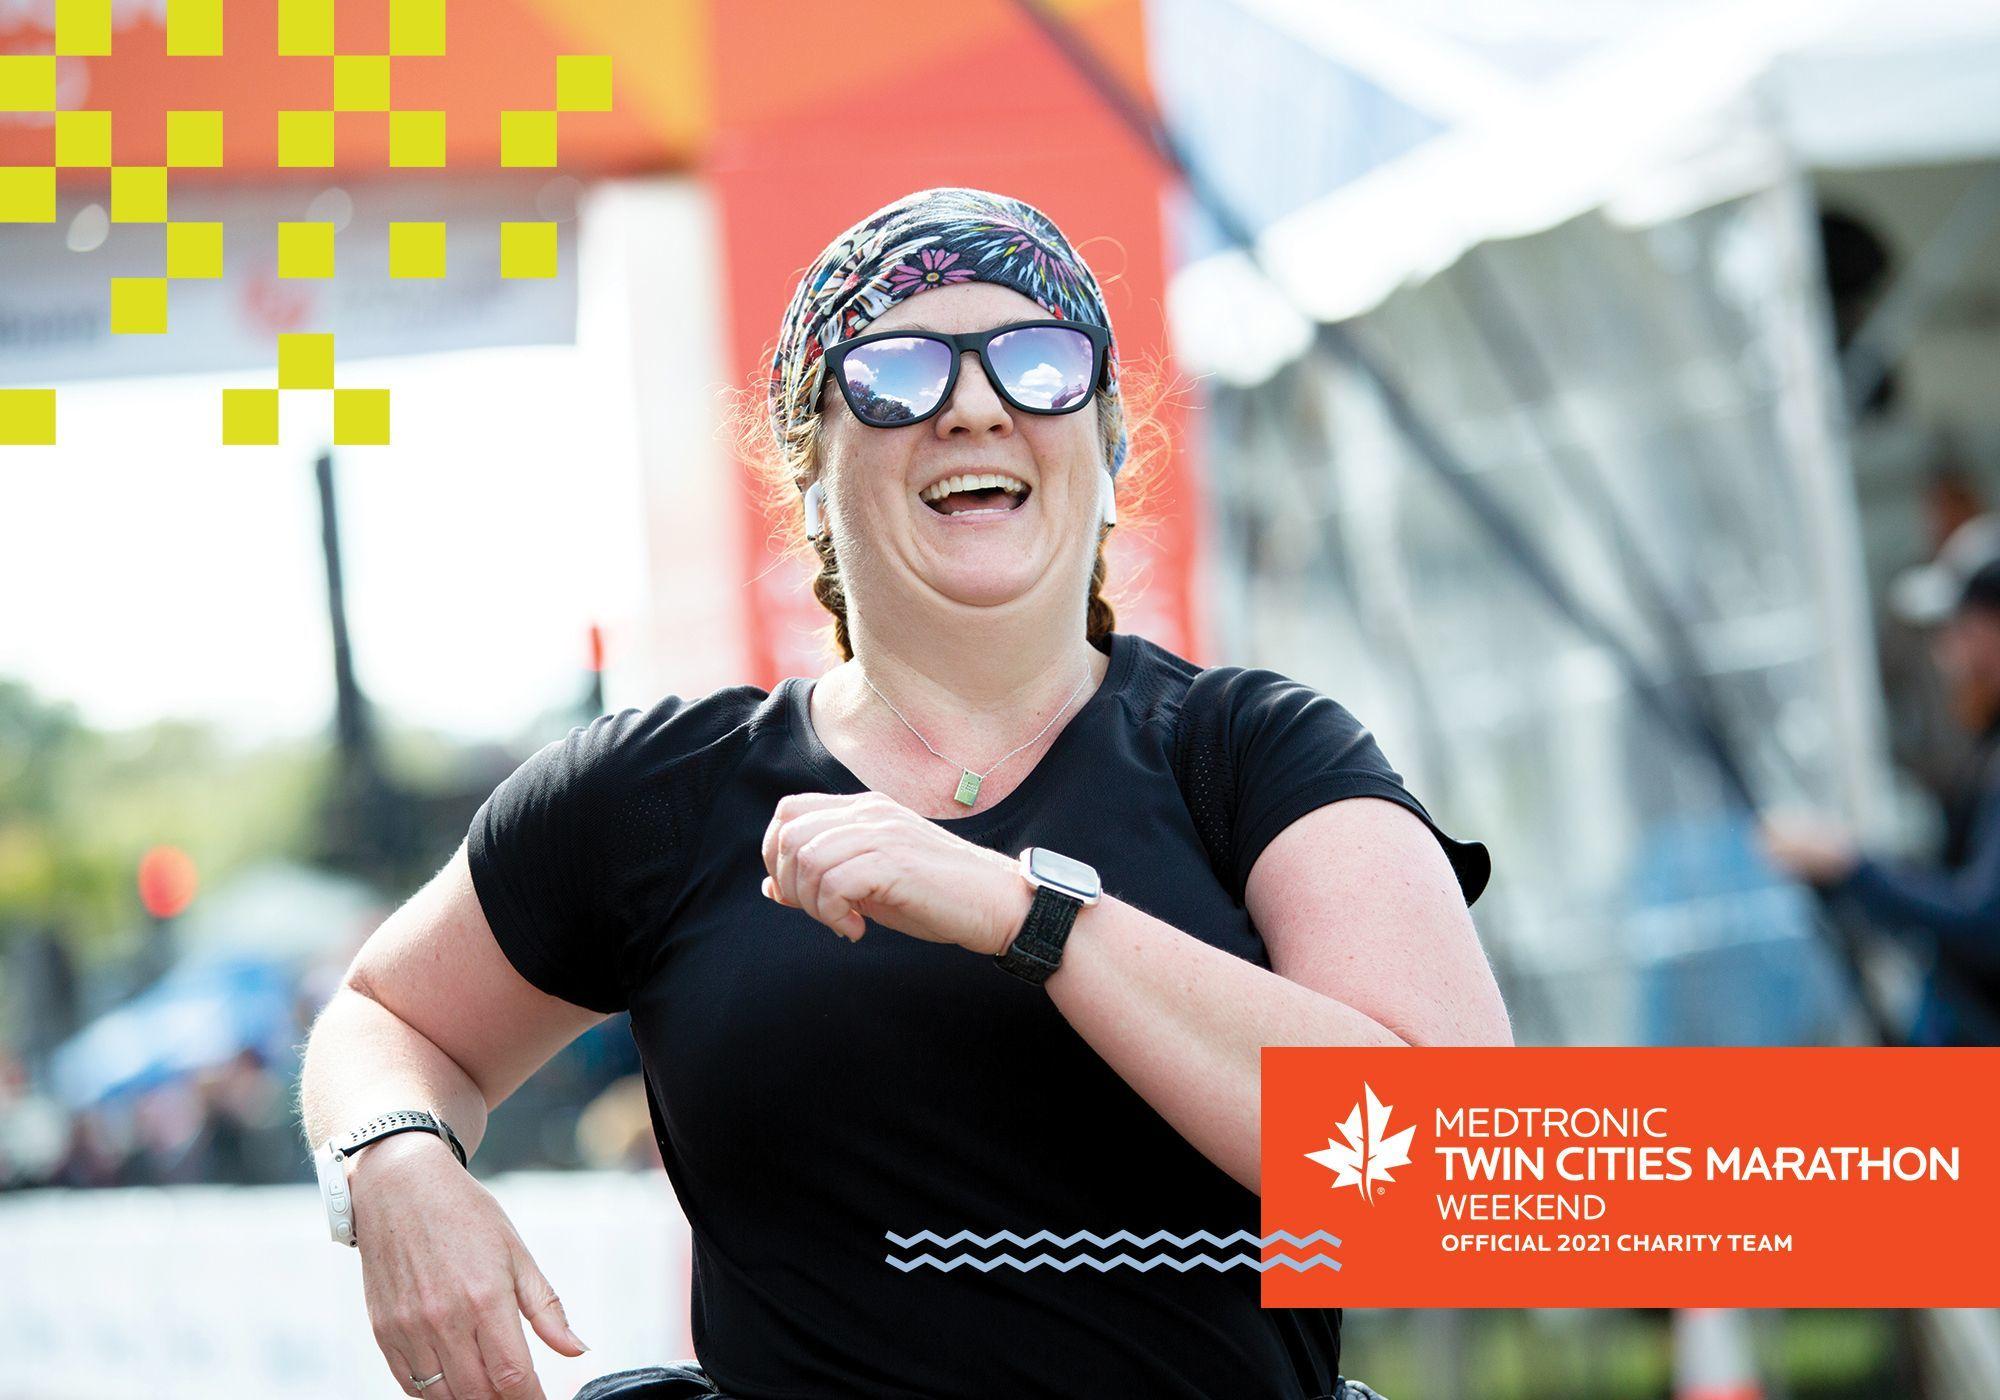 Woman running in marathon